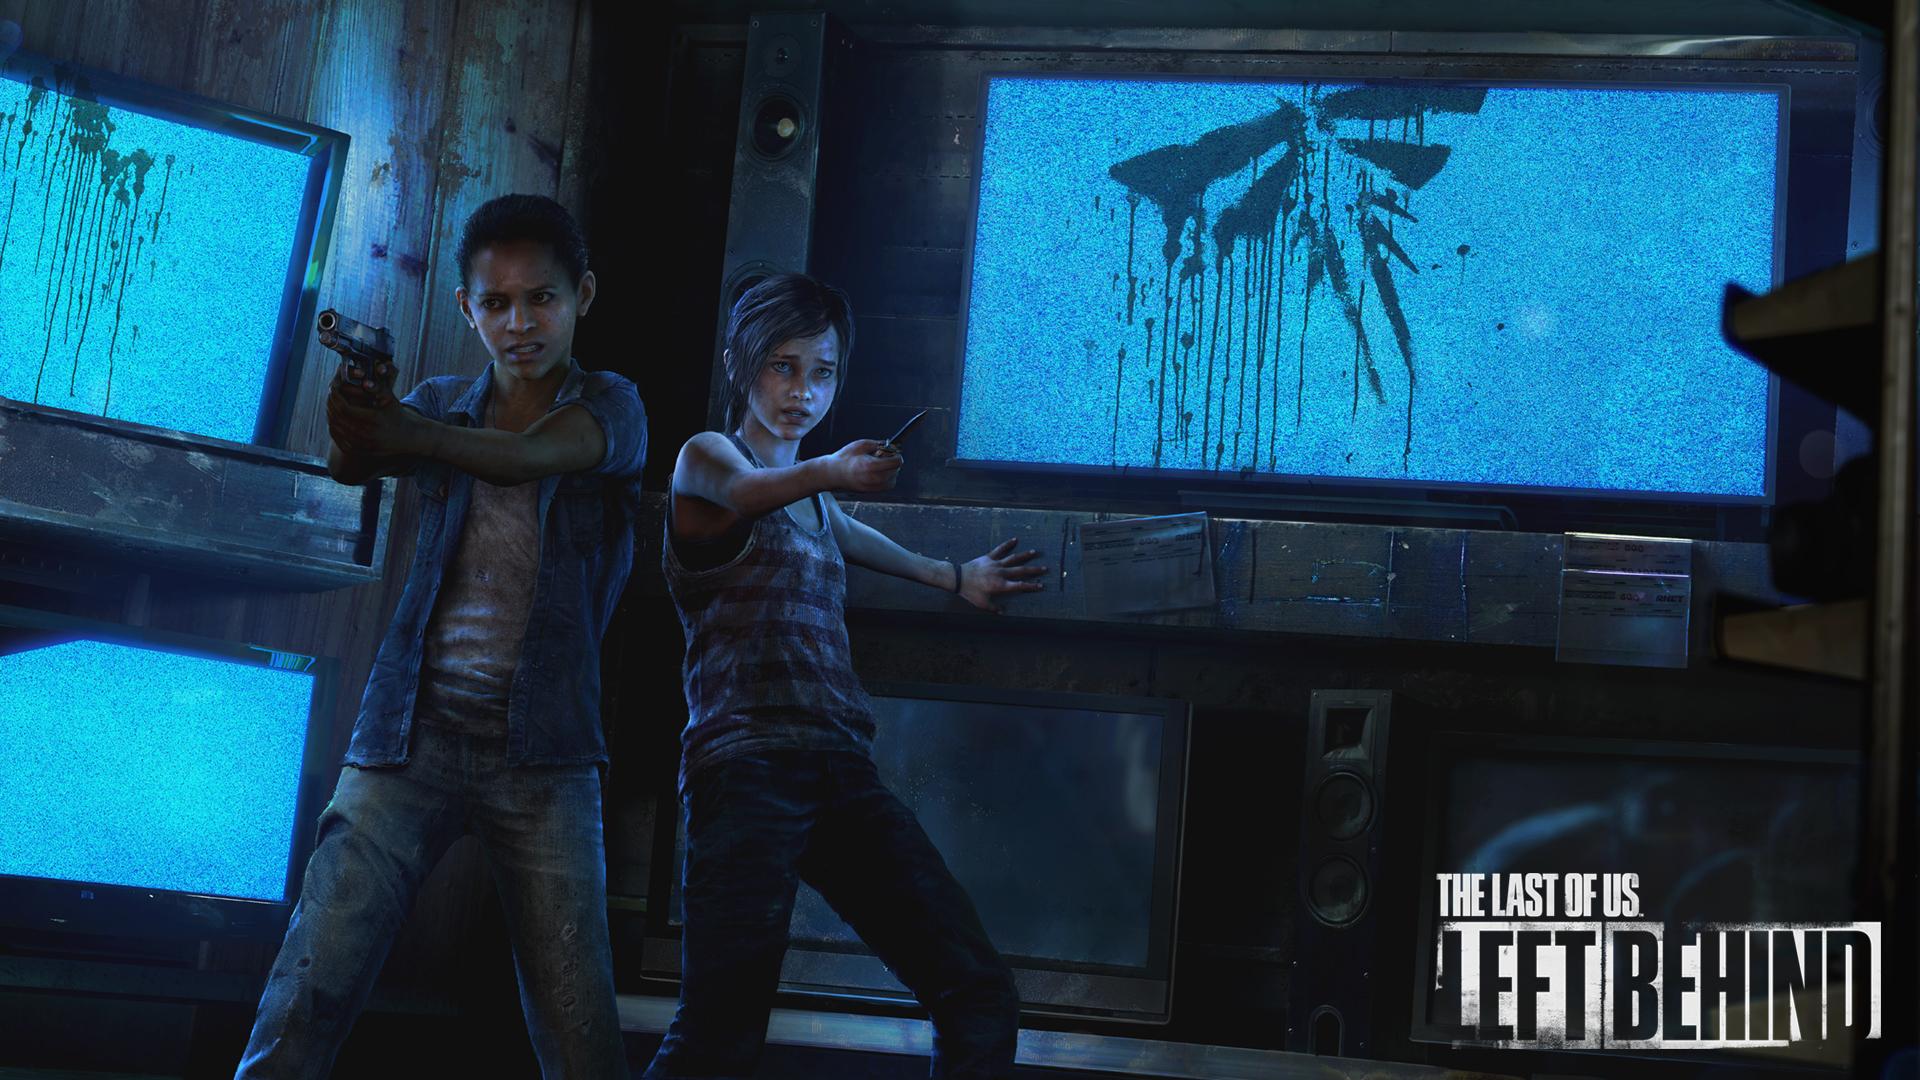 210 The Last Of Us Papéis De Parede Hd: The Last Of Us - Left Behind Papel De Parede HD